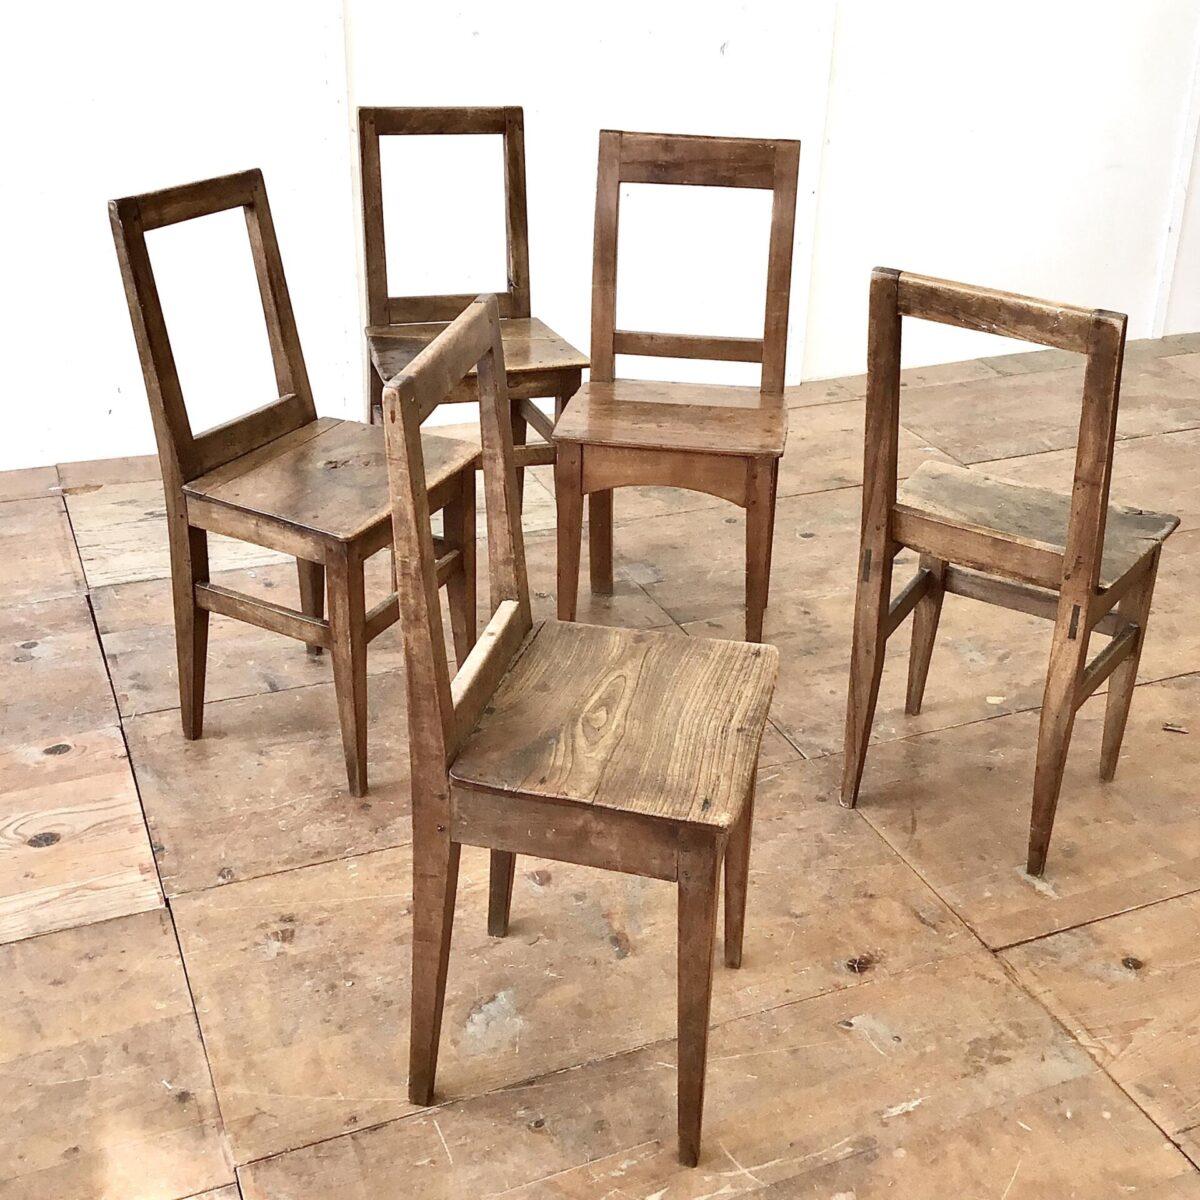 5 er Set Nussbaum Stühle mit markanter Alterspatina. Klare geradlinige Form, ideal um die aufrechte Haltung zu bewahren.